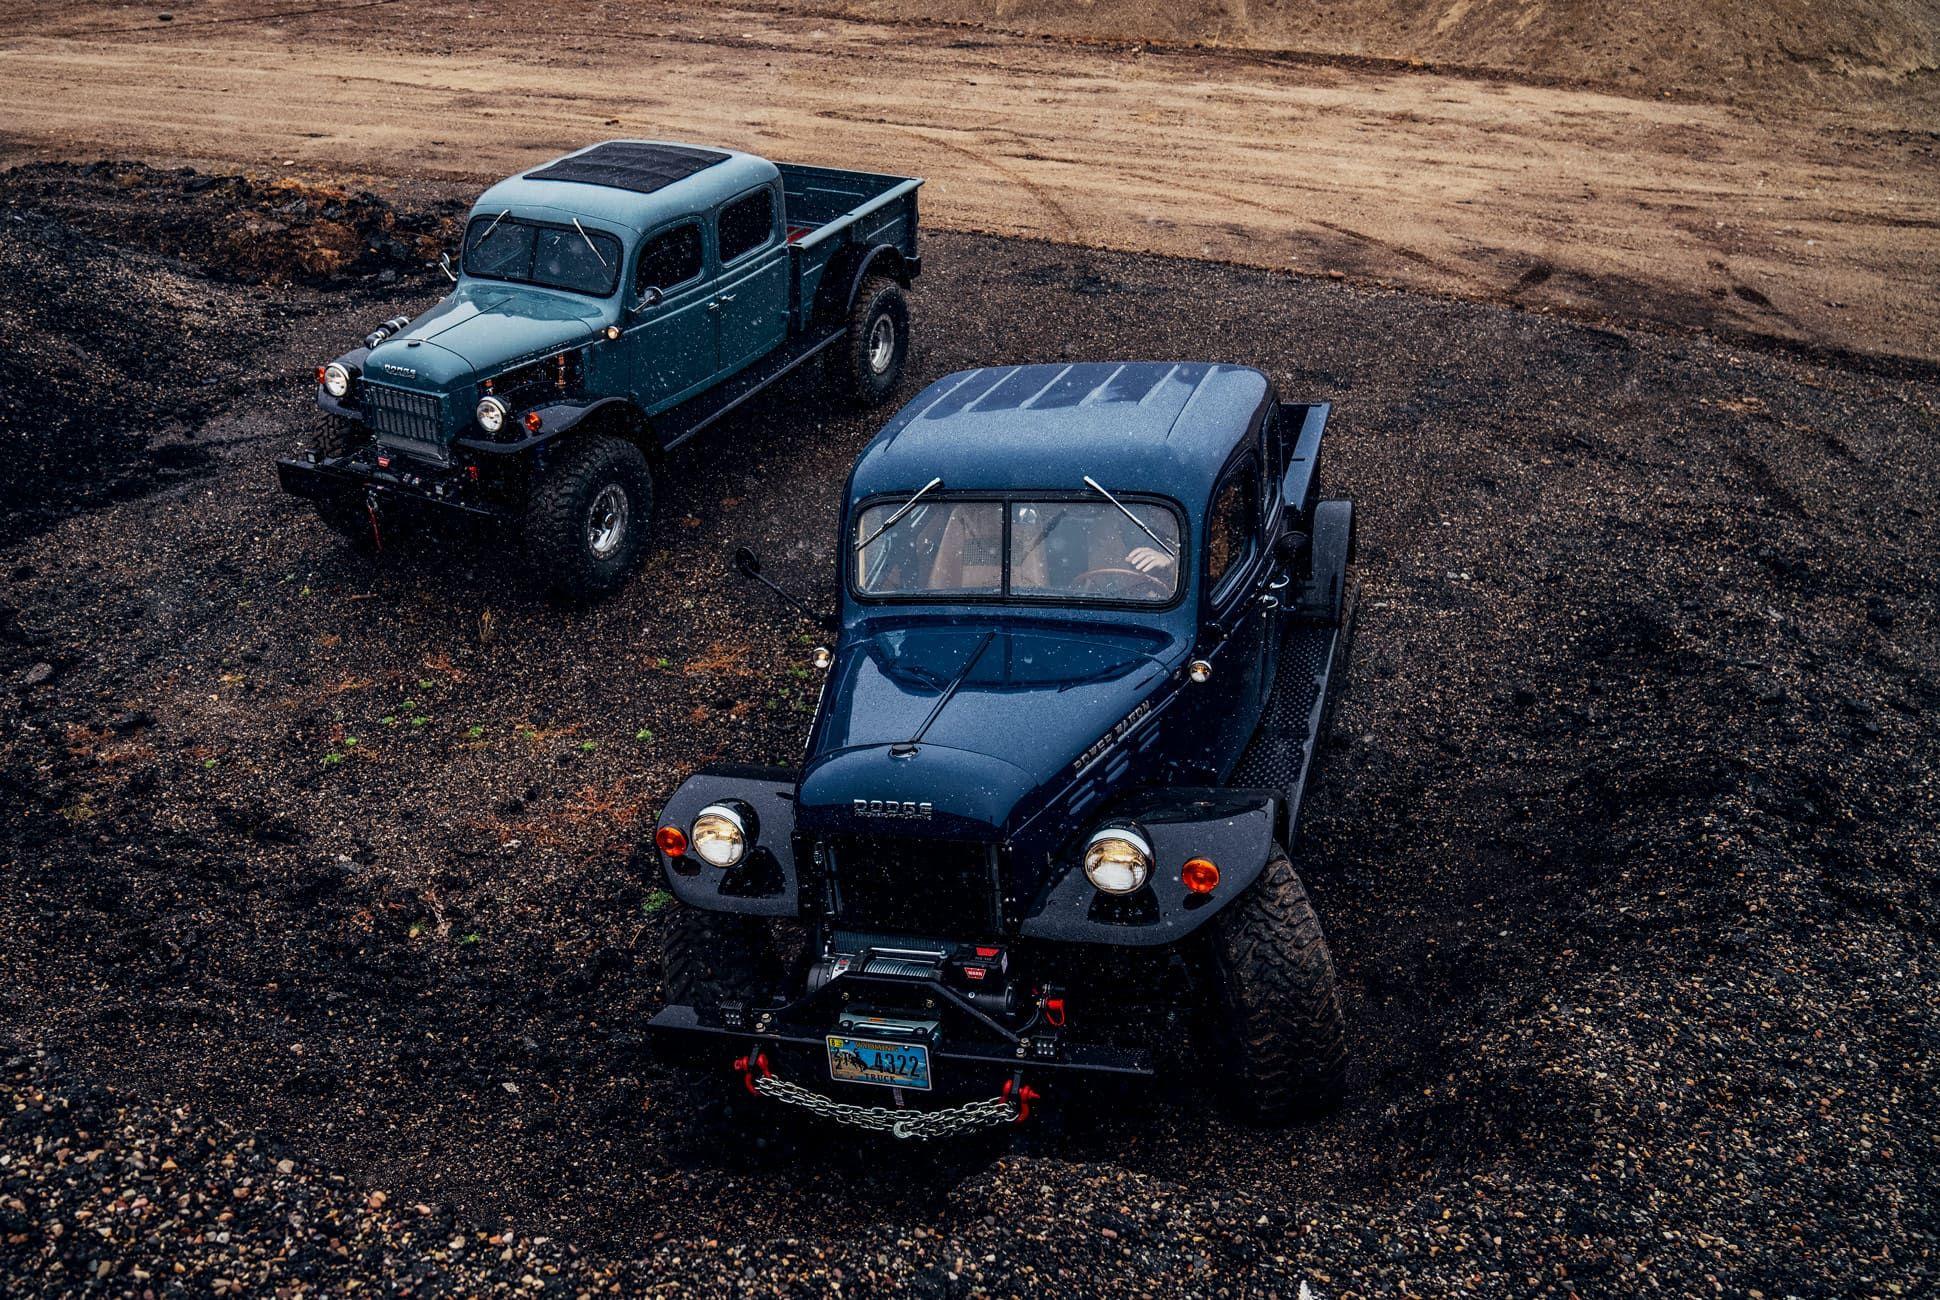 Legacy-Power-Wagons-Gear-Patrol-Slide-13